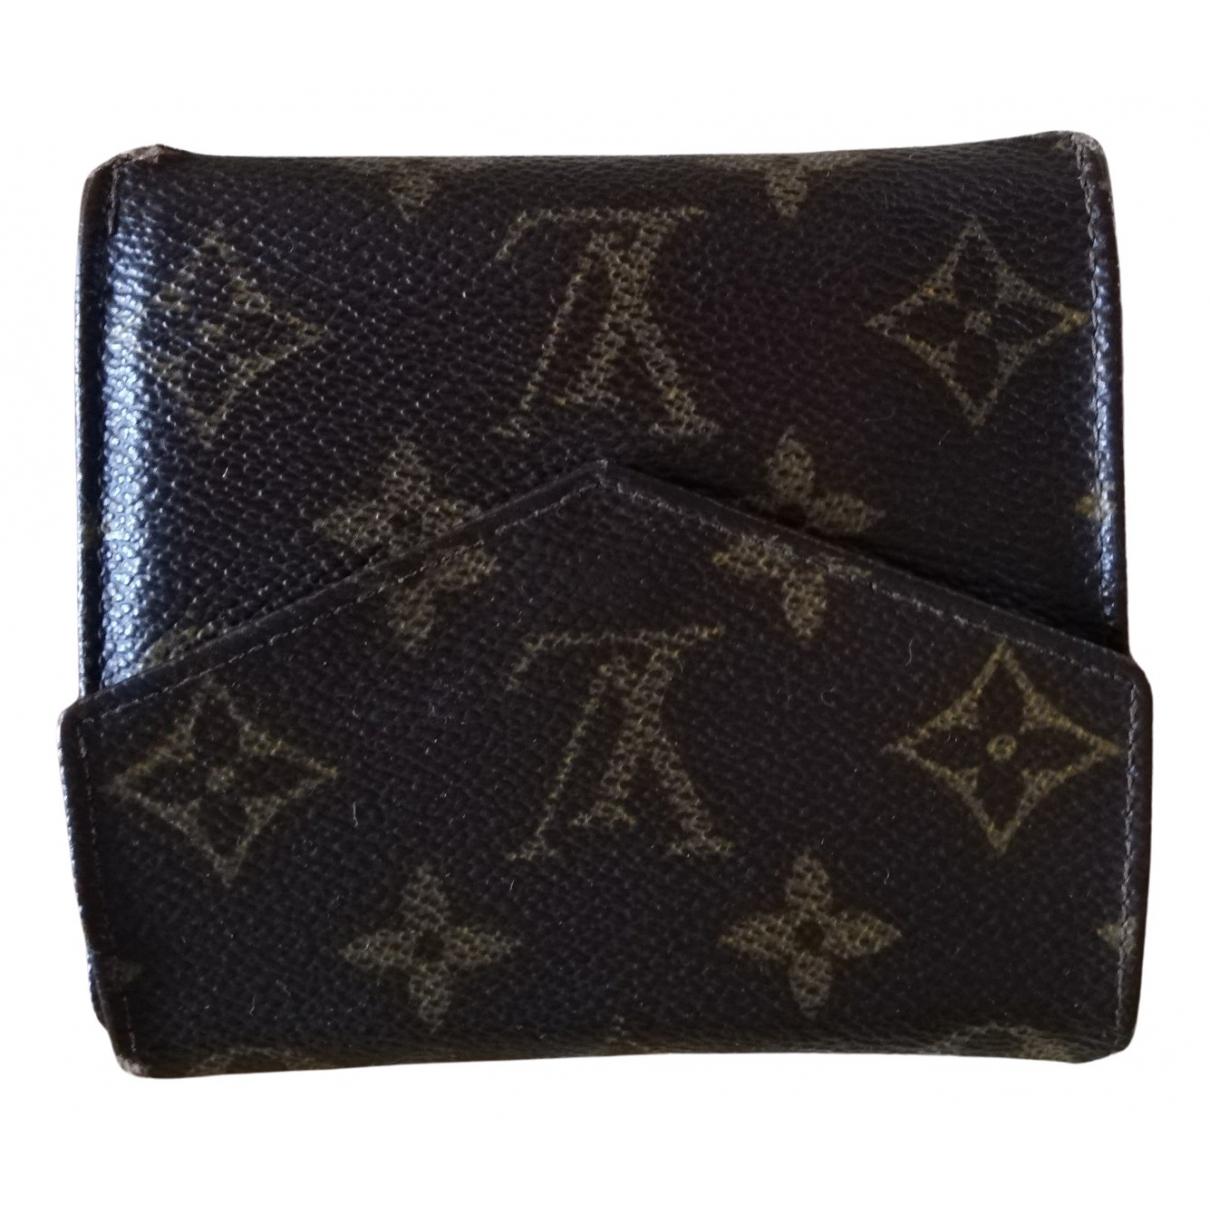 Louis Vuitton - Portefeuille Victorine pour femme en toile - marron